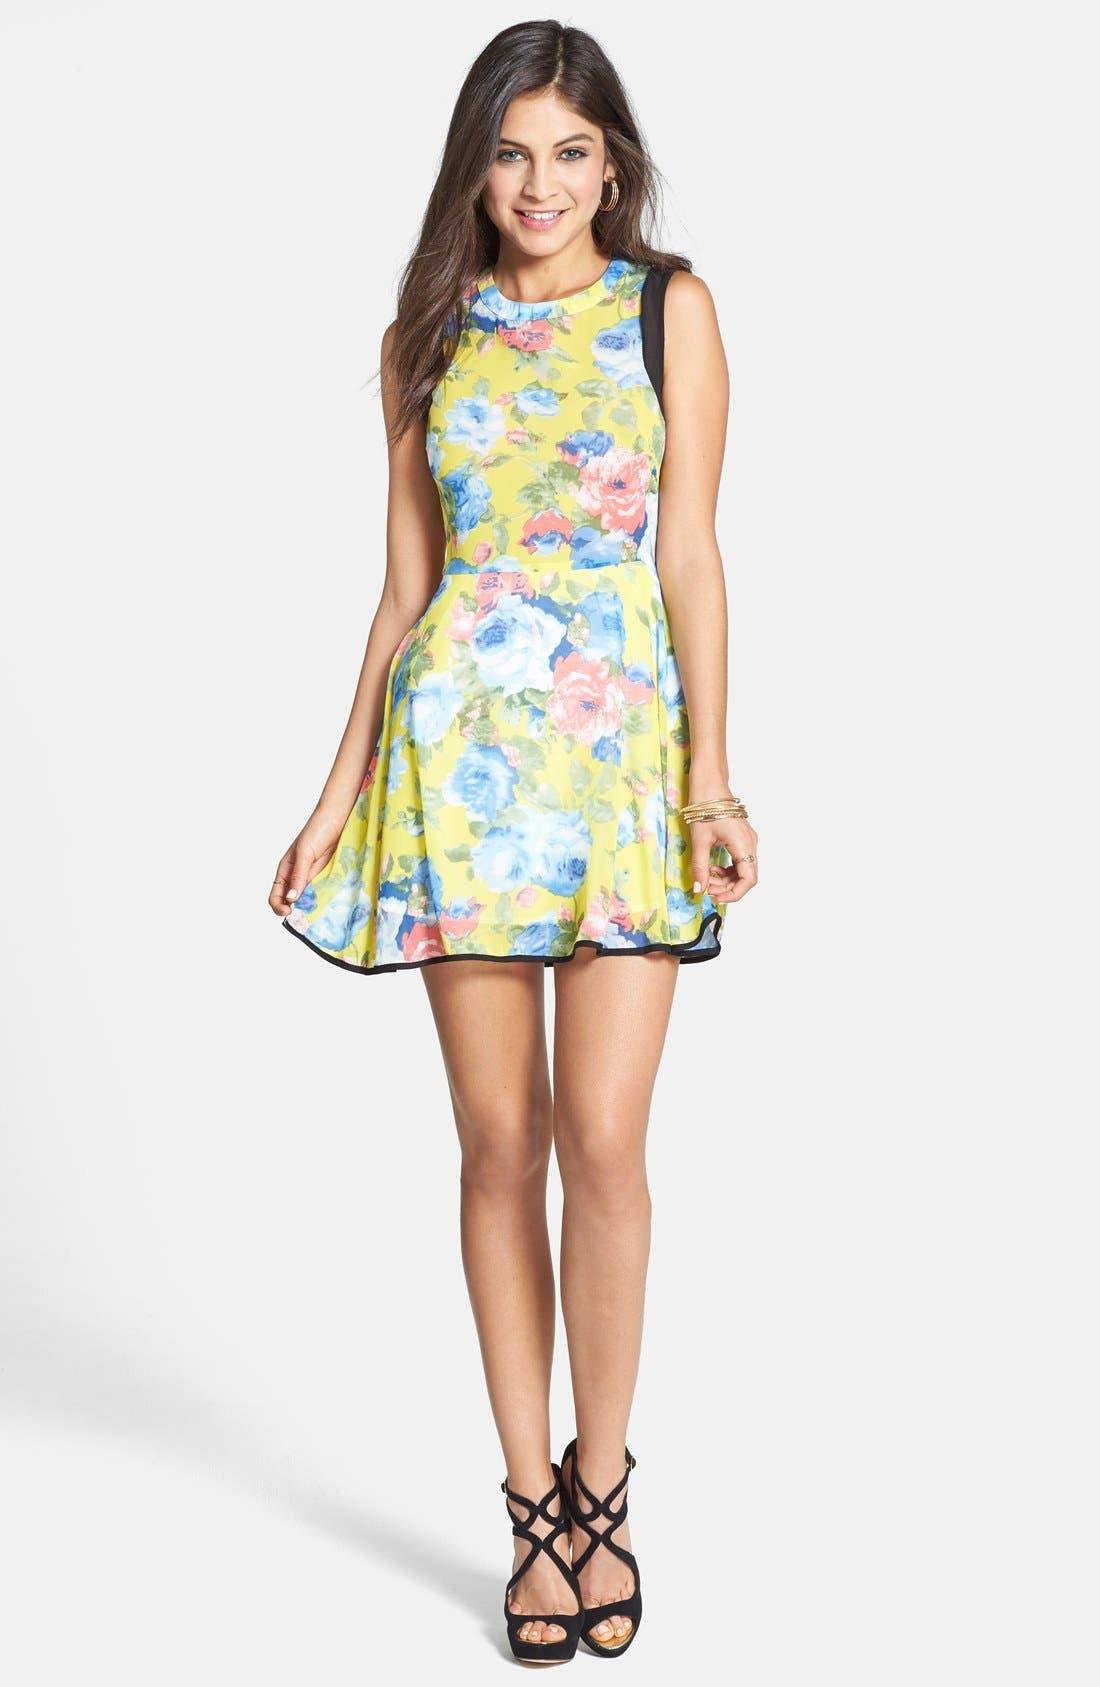 Alternate Image 1 Selected - Paper Crane Contrast Panel Floral Skater Dress (Juniors) (Online Only)